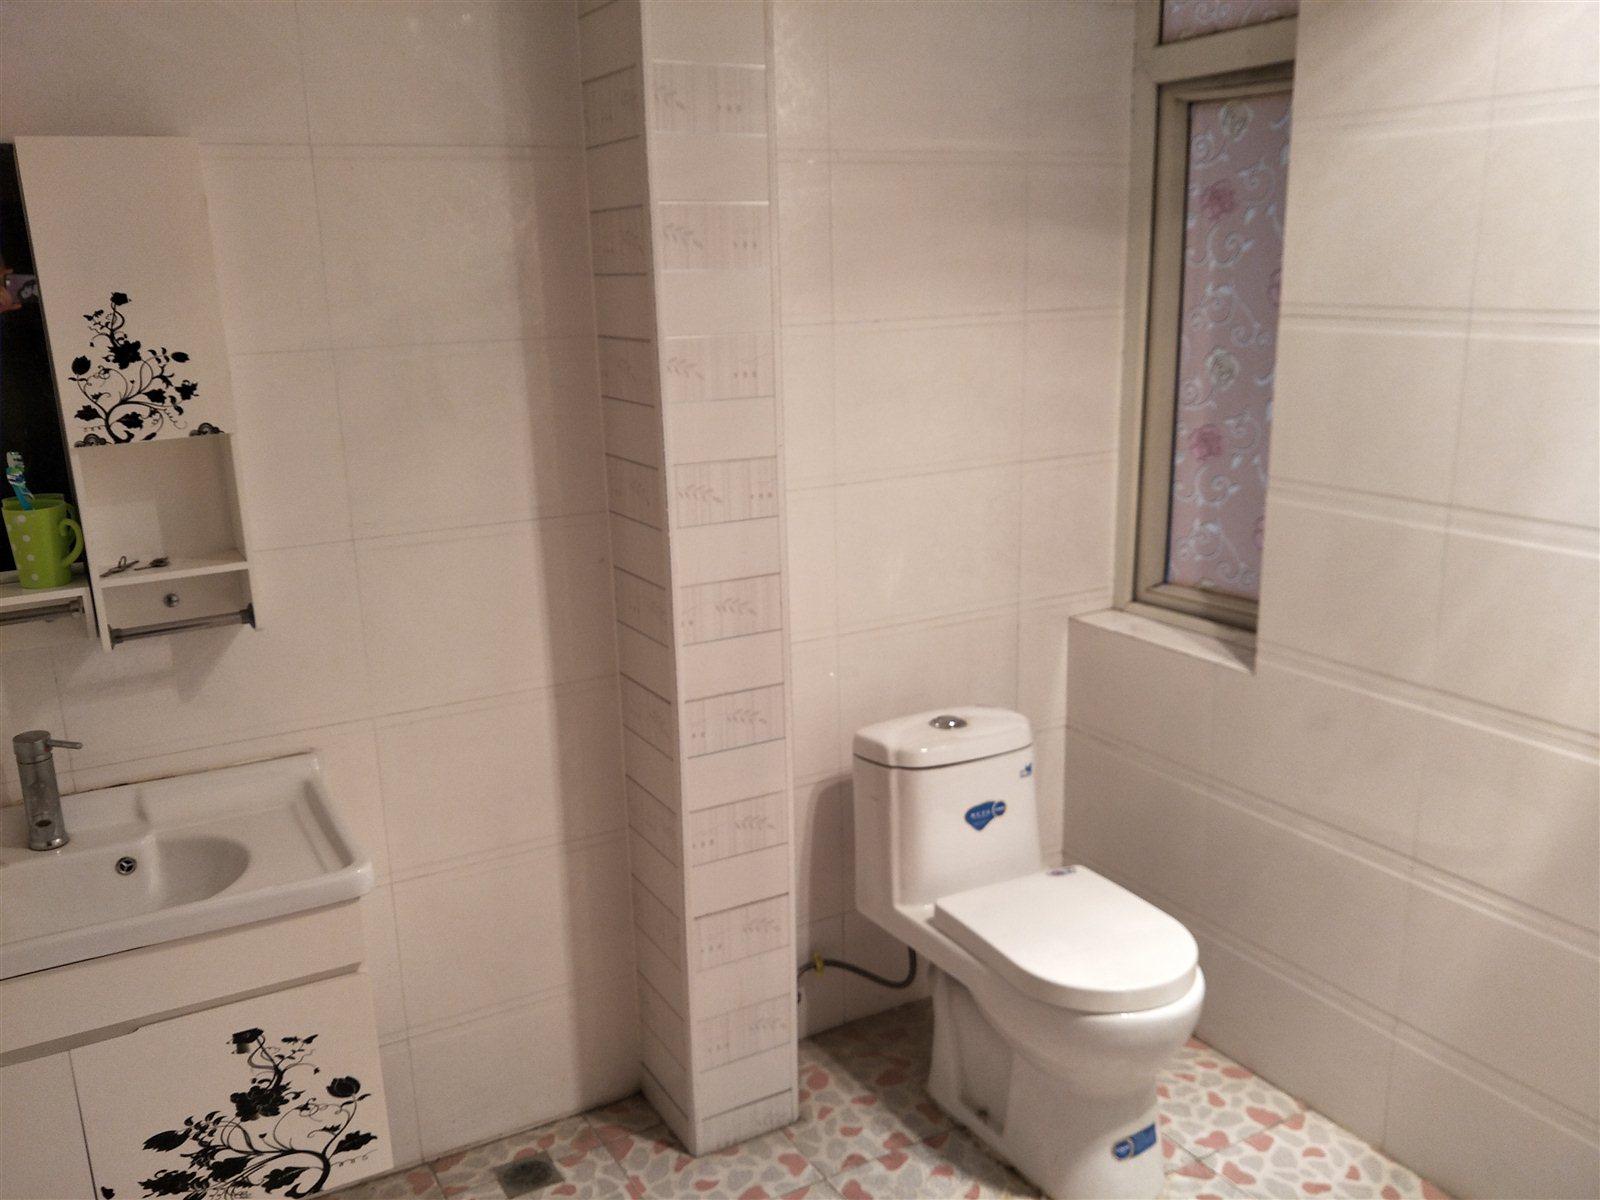 丽景博雅苑  3室2厅2卫  70万元 可分期